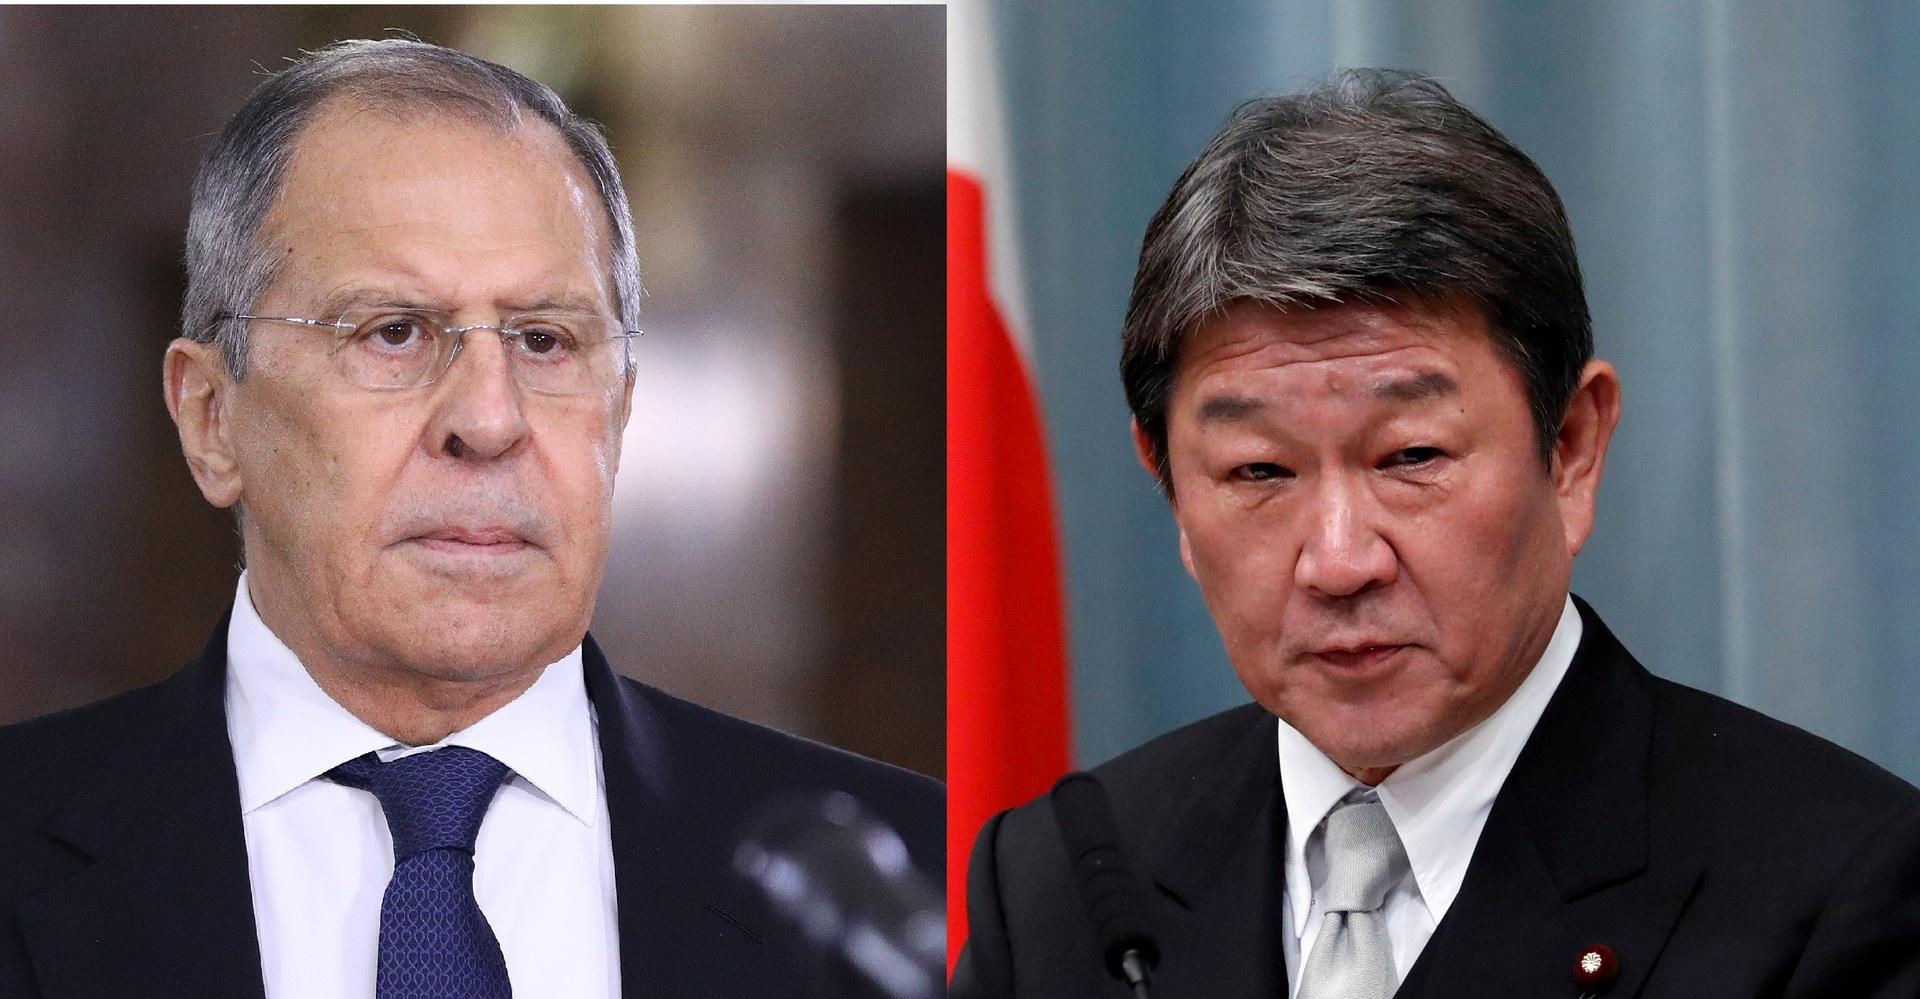 وزيرا الخارجية الروسي سيرغي لافروف (على اليسار) والياباني توشيميتسو موتيغي